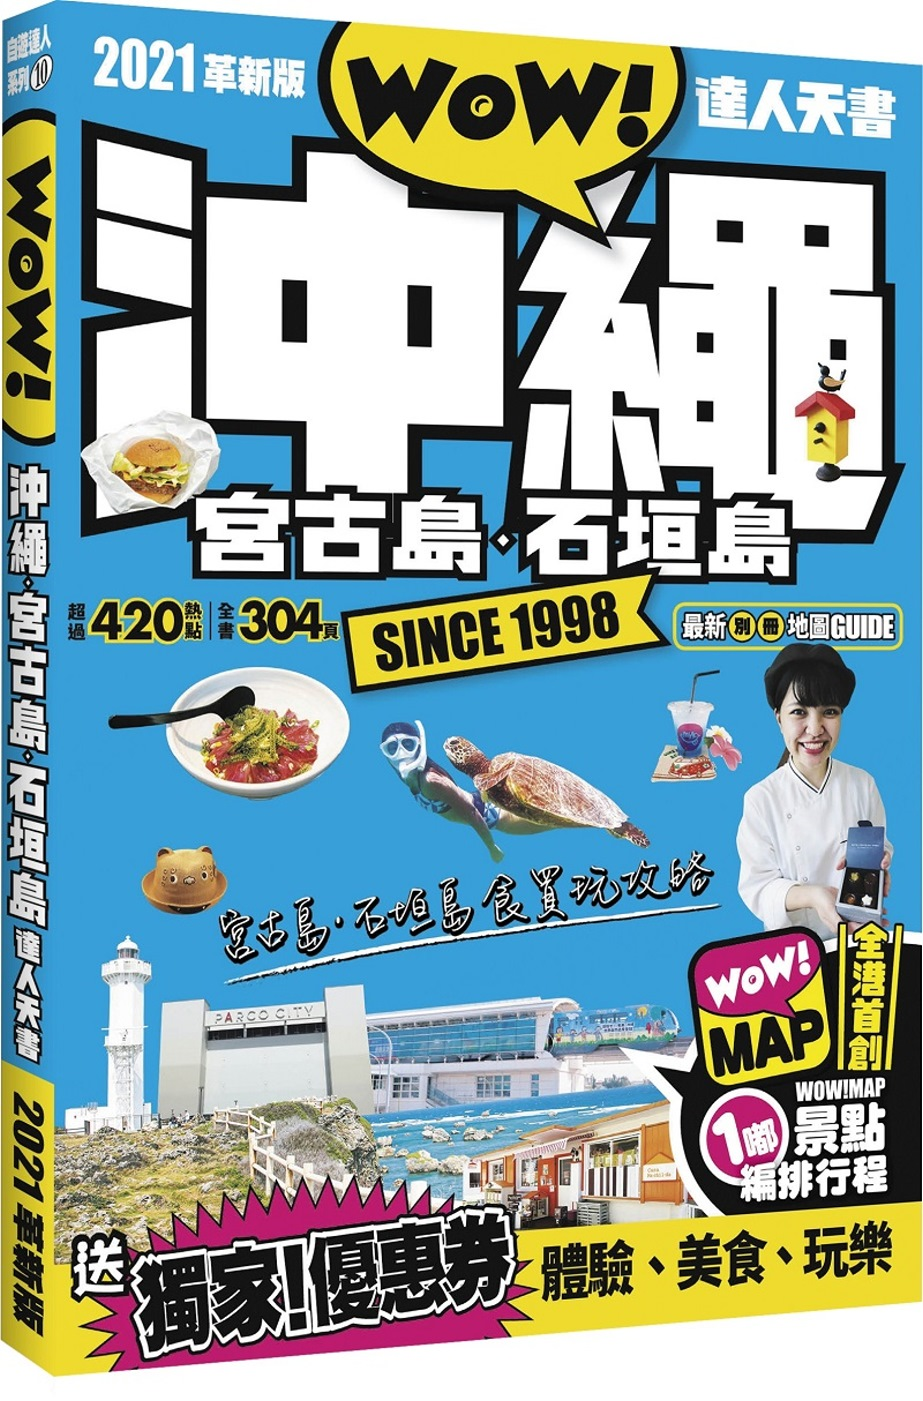 沖繩·宮古島·石垣島達人天書2021革新版:4100200101